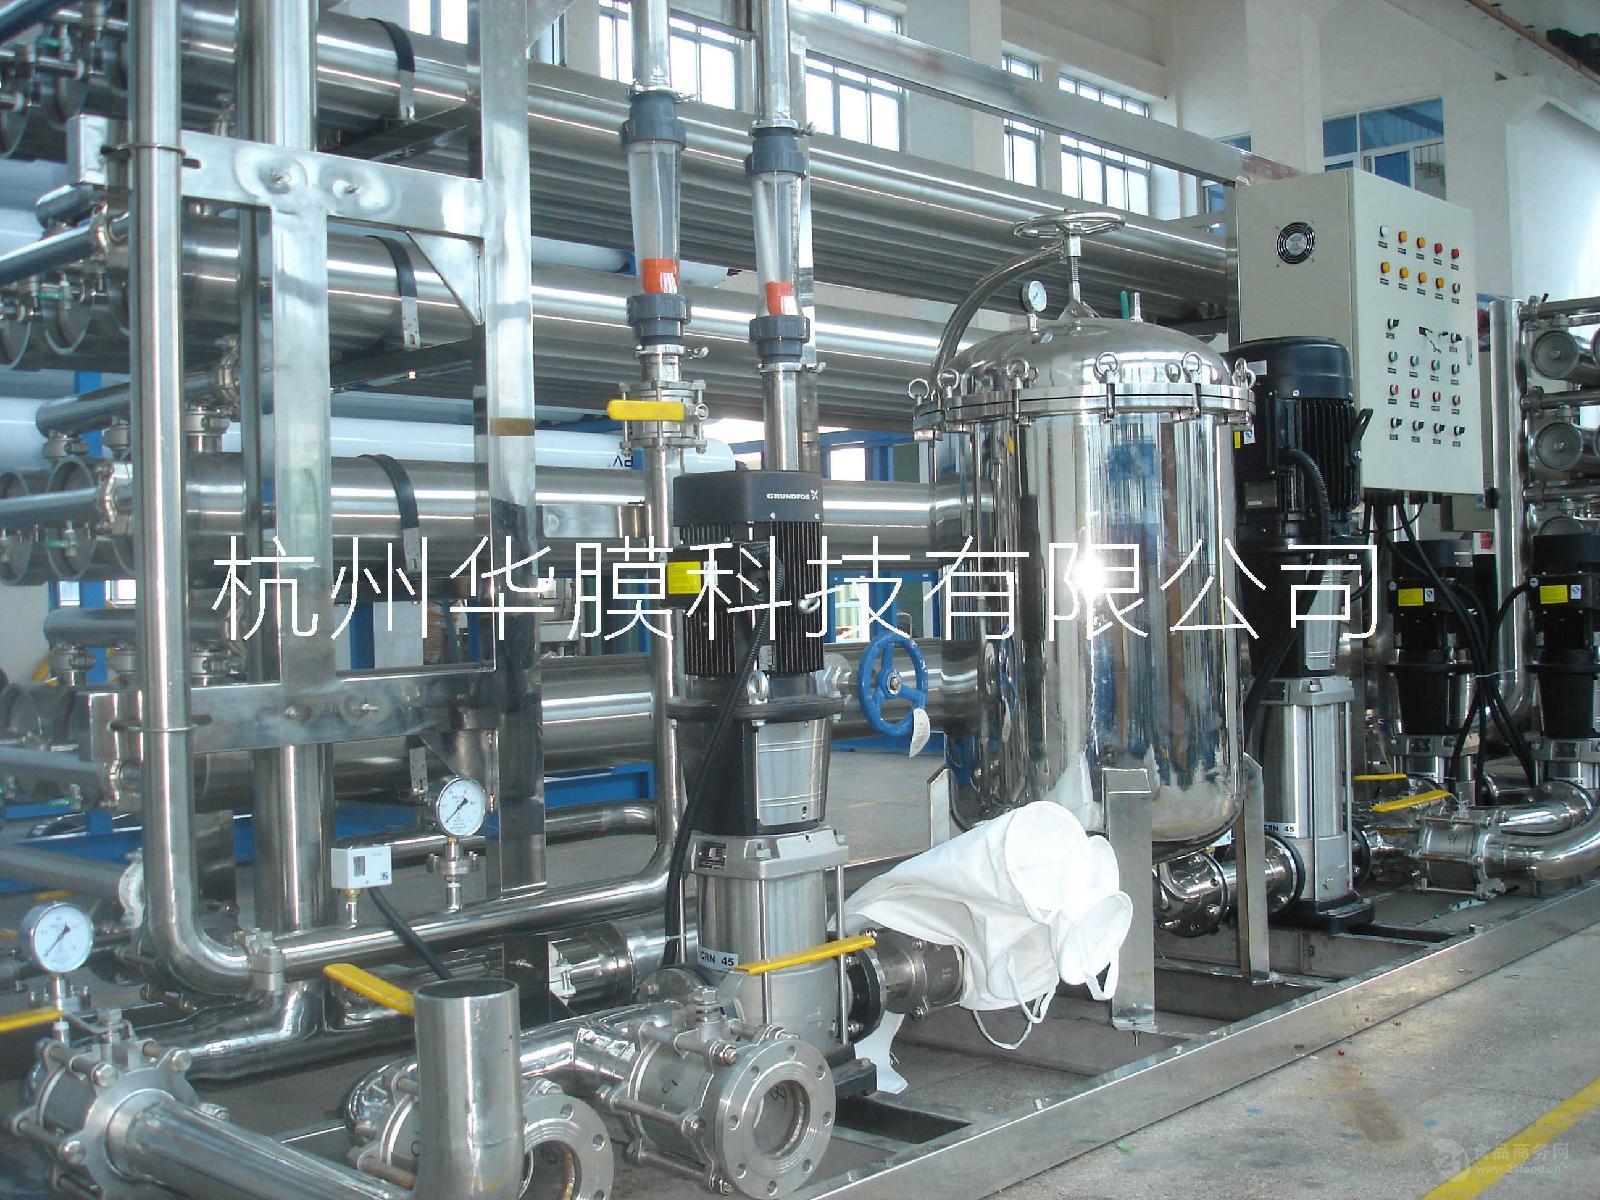 亚麻酸分离提取浓缩工艺设备